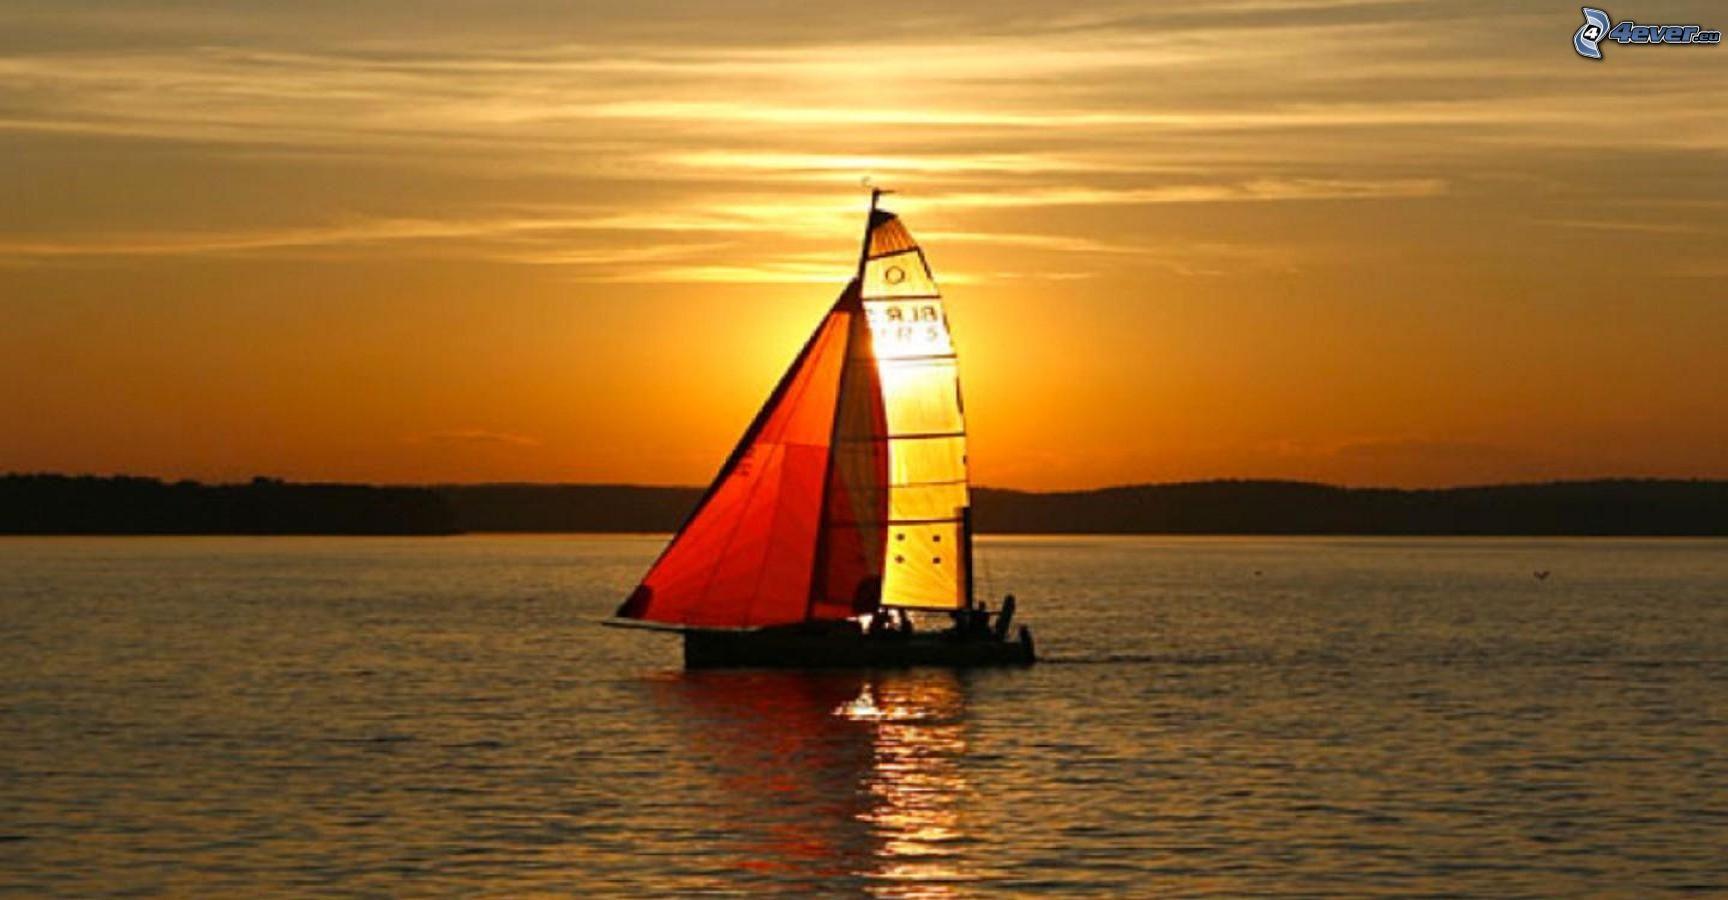 Segelschiffe auf dem meer sonnenuntergang  Boot auf dem See